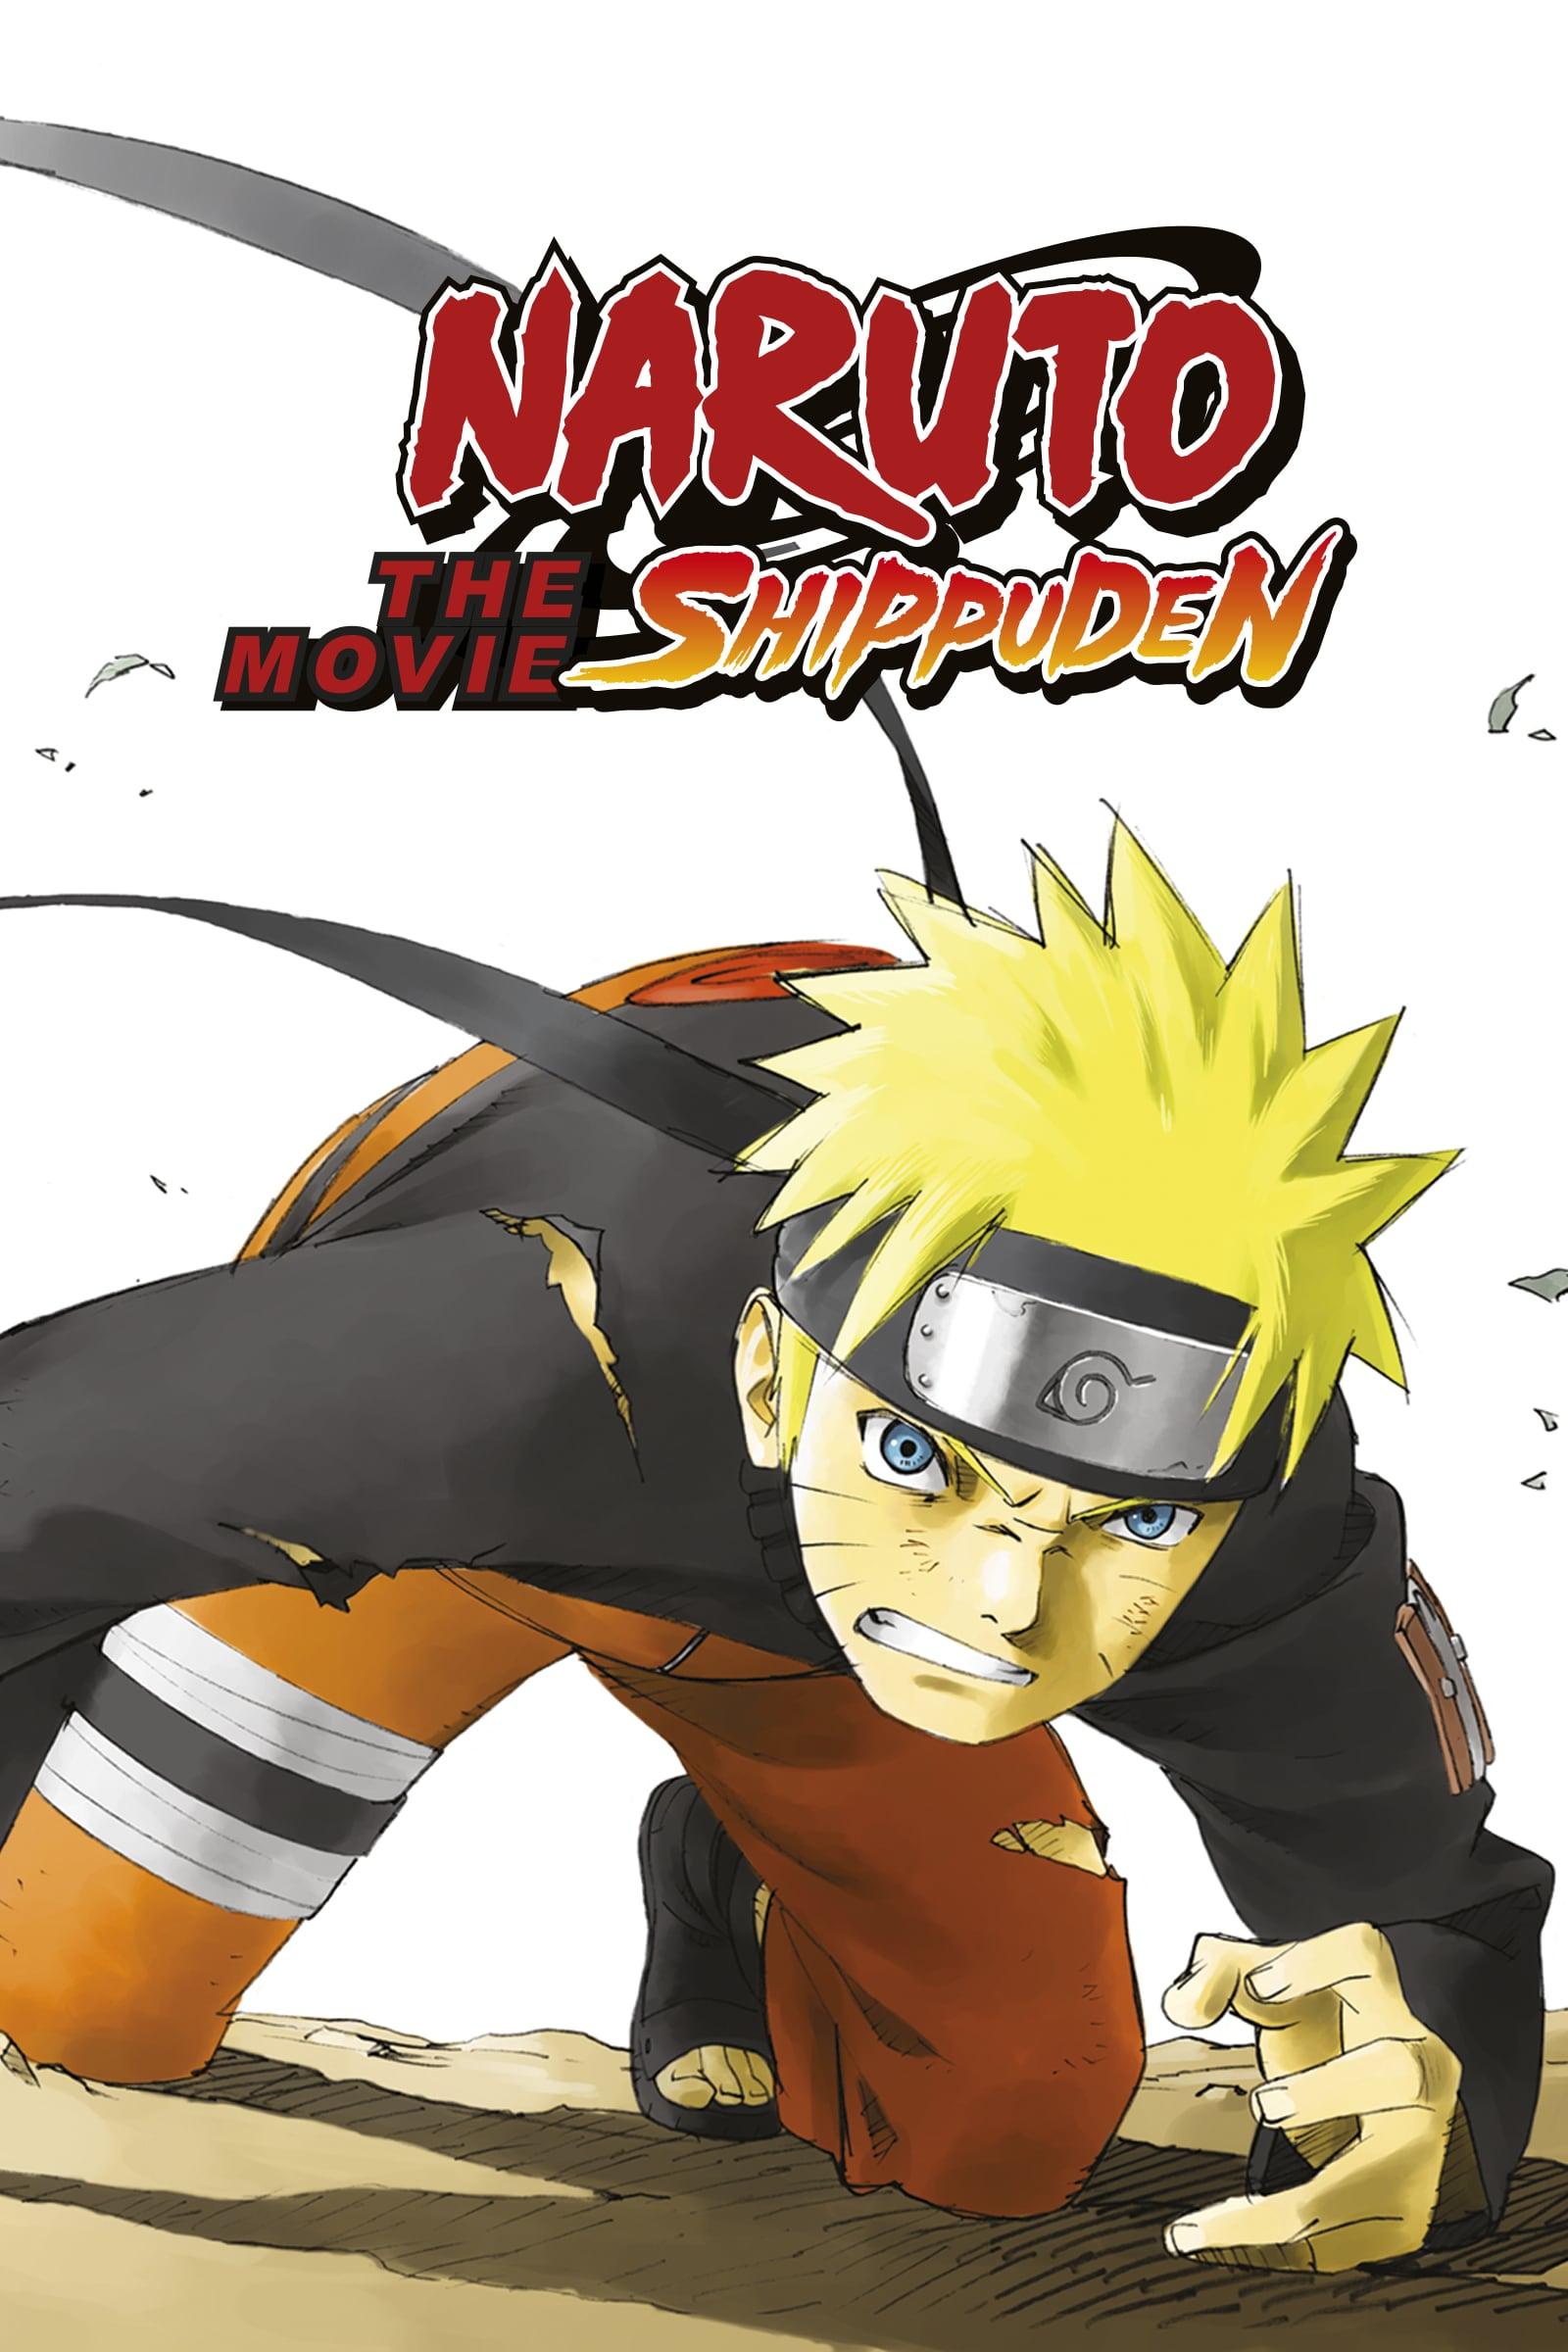 Naruto Shippuden: The Movie on Netflix